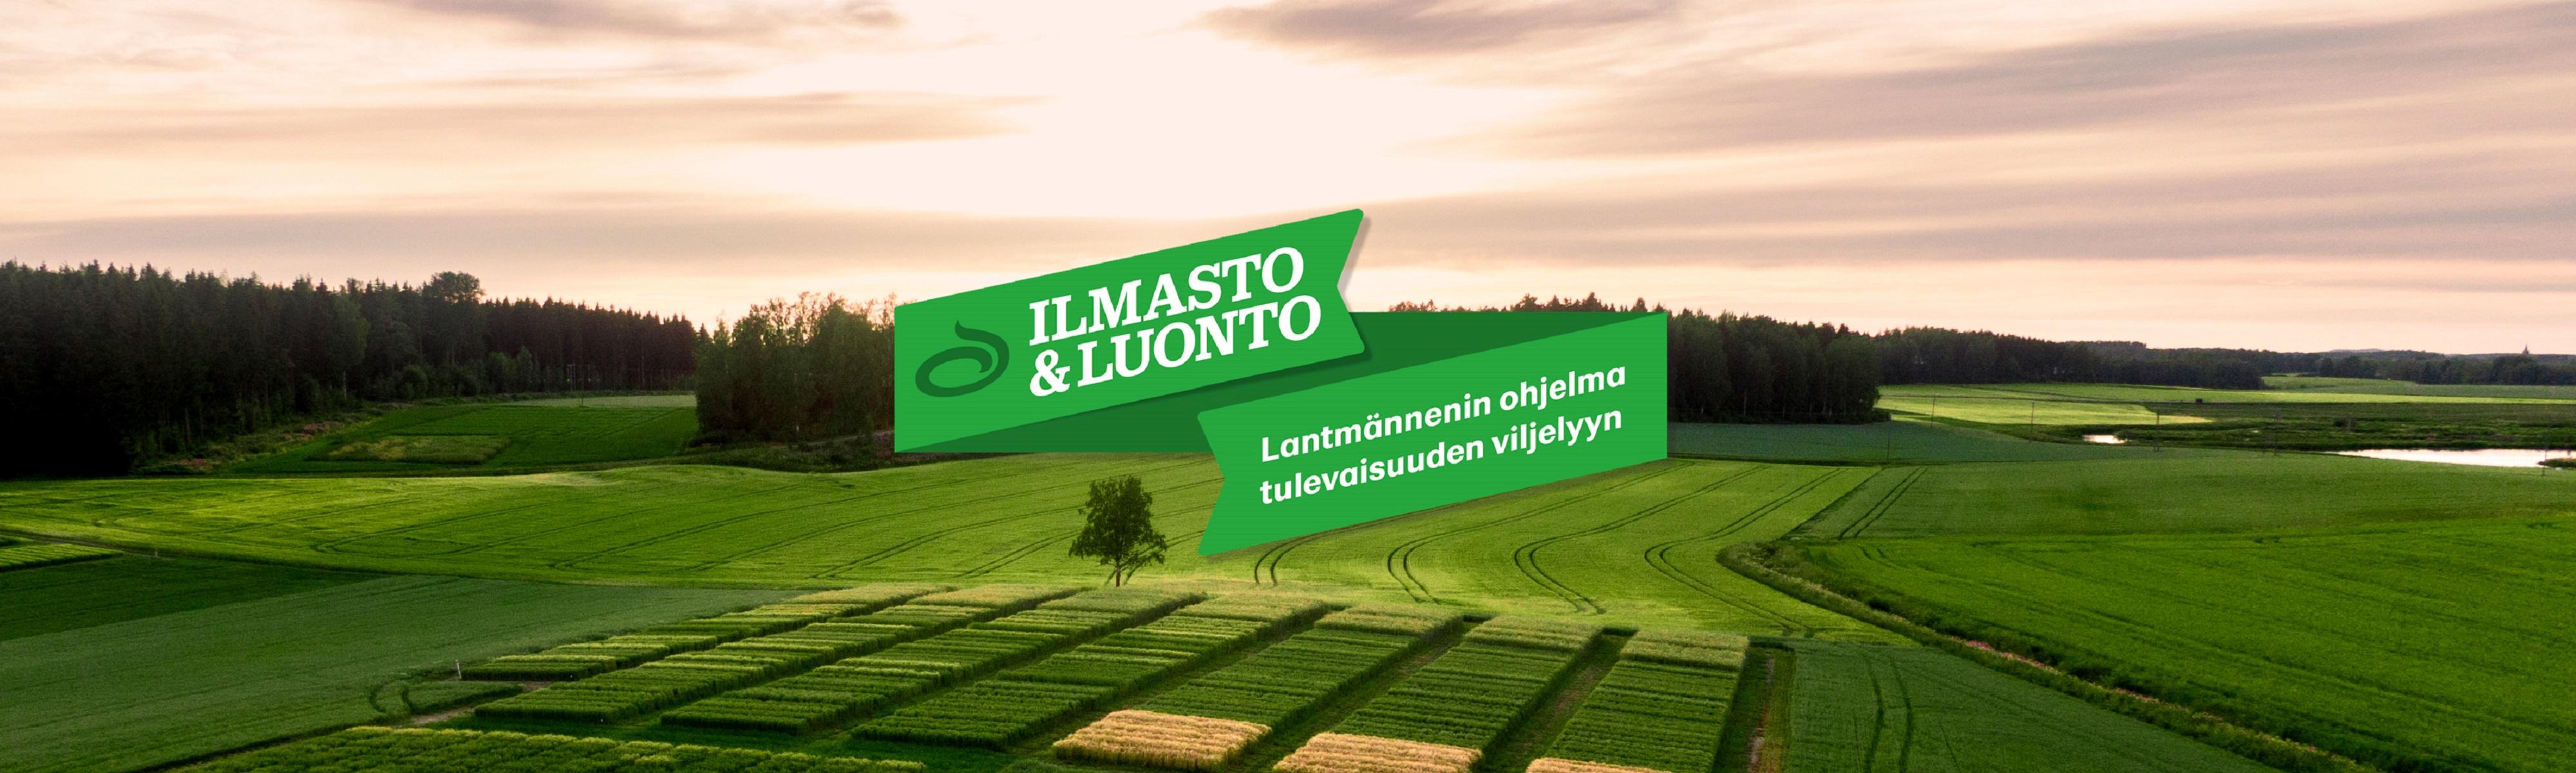 Ilmasto & Luonto -ohjelma